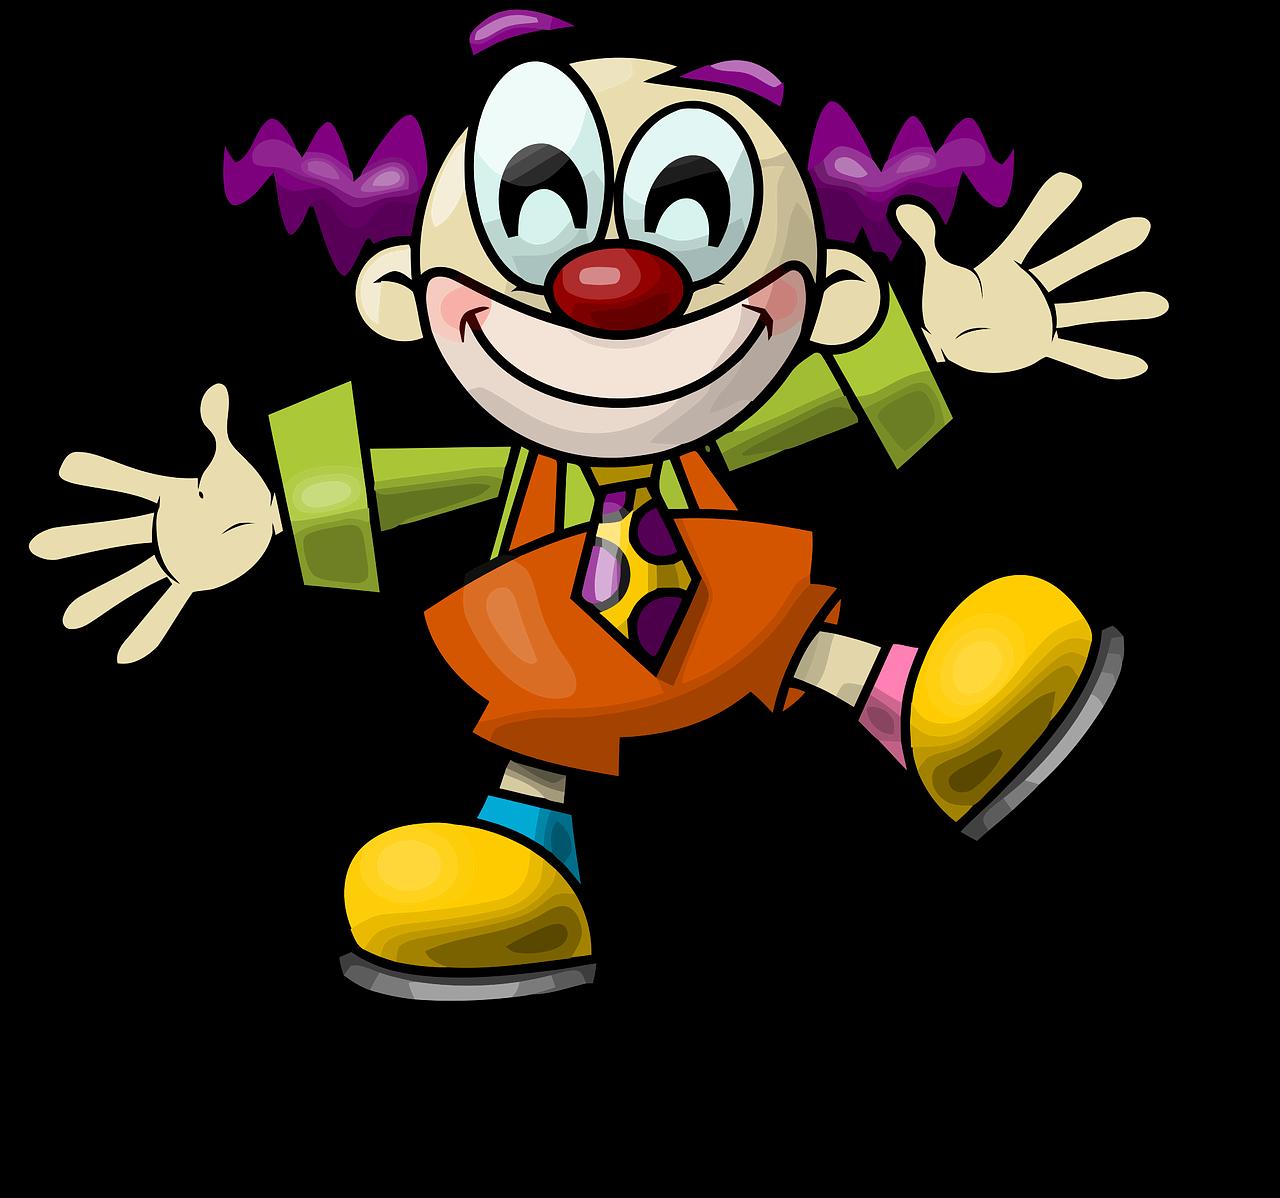 La coulrofobia è il terrore e la fobia per i clown